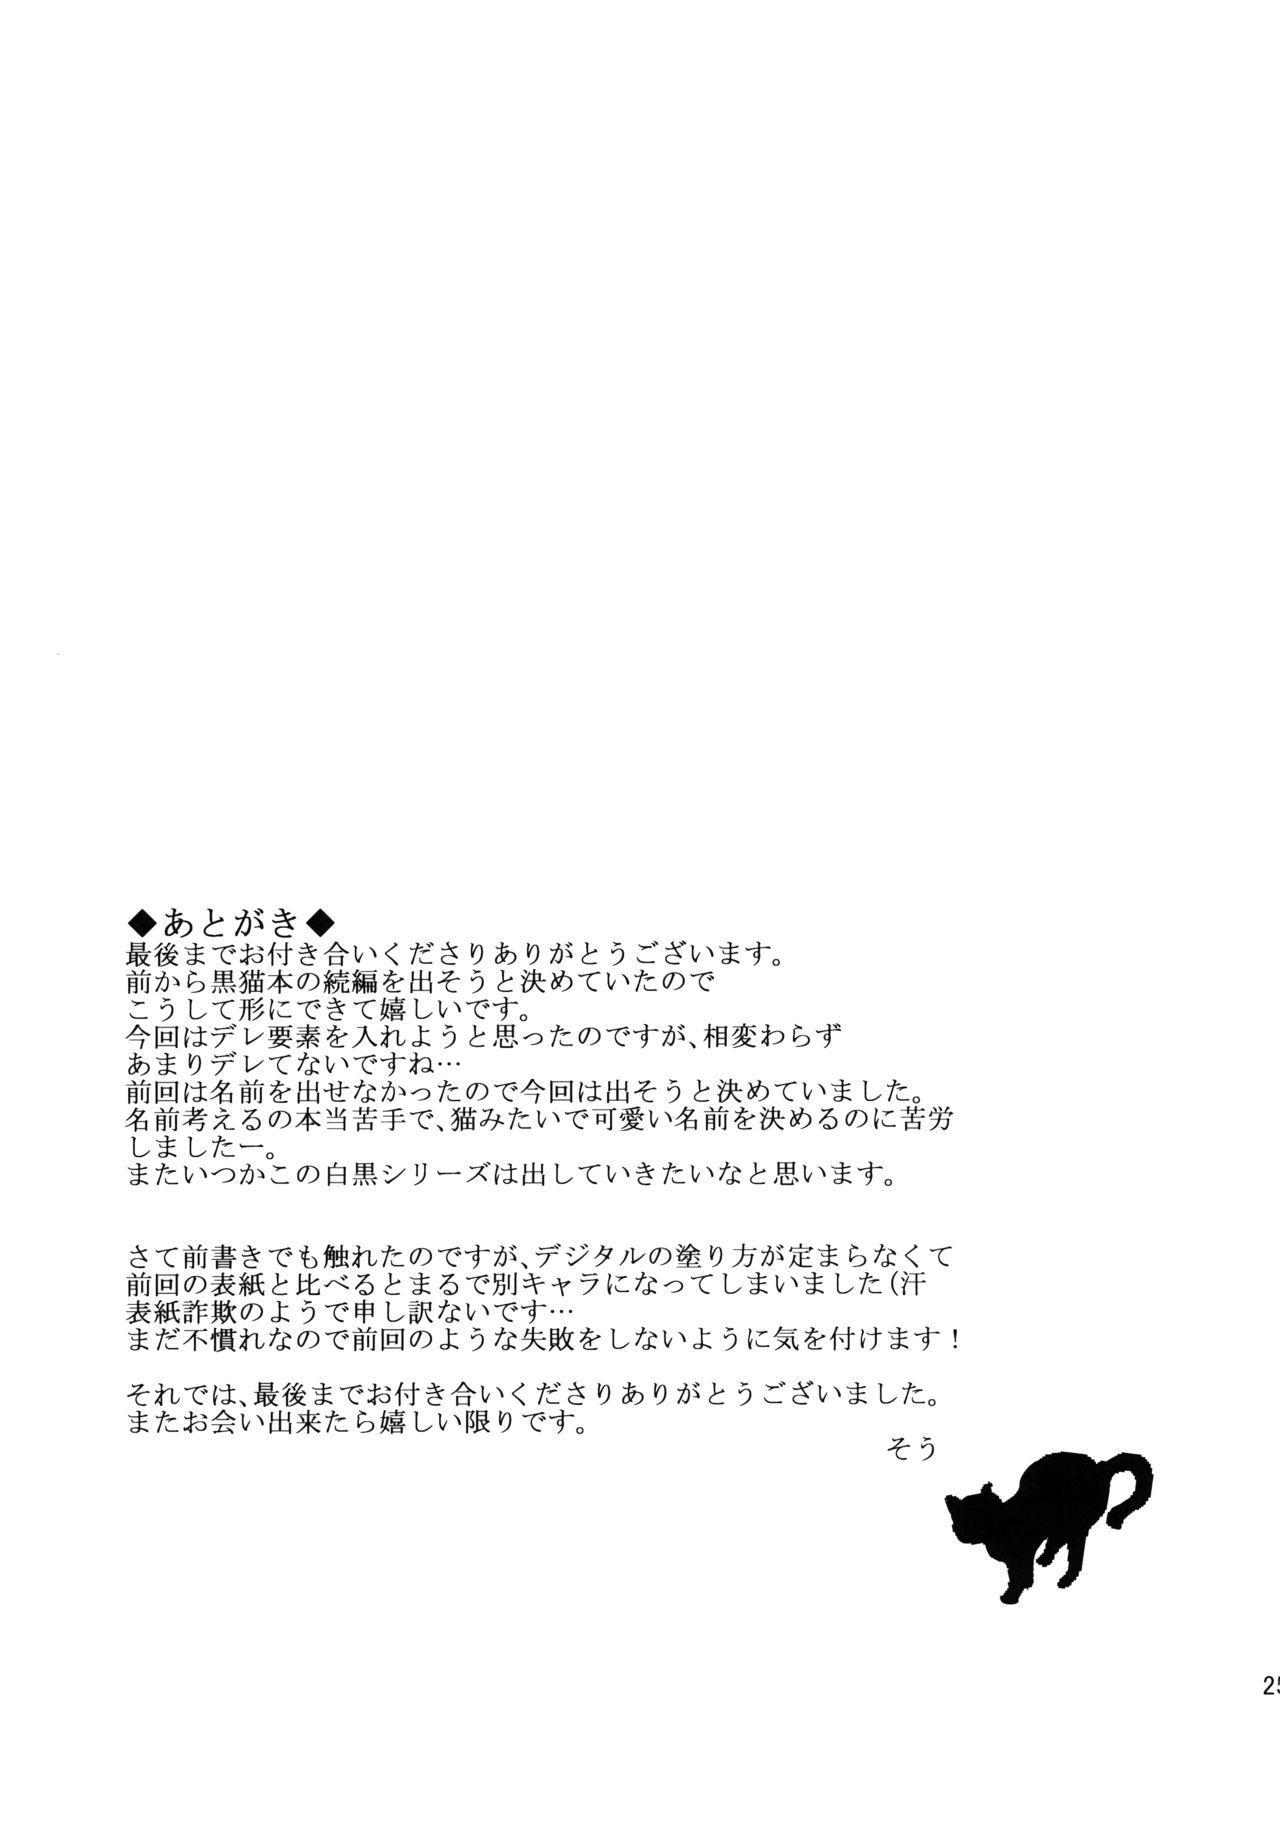 Hitoribocchi no Kuroneko-san 2 24